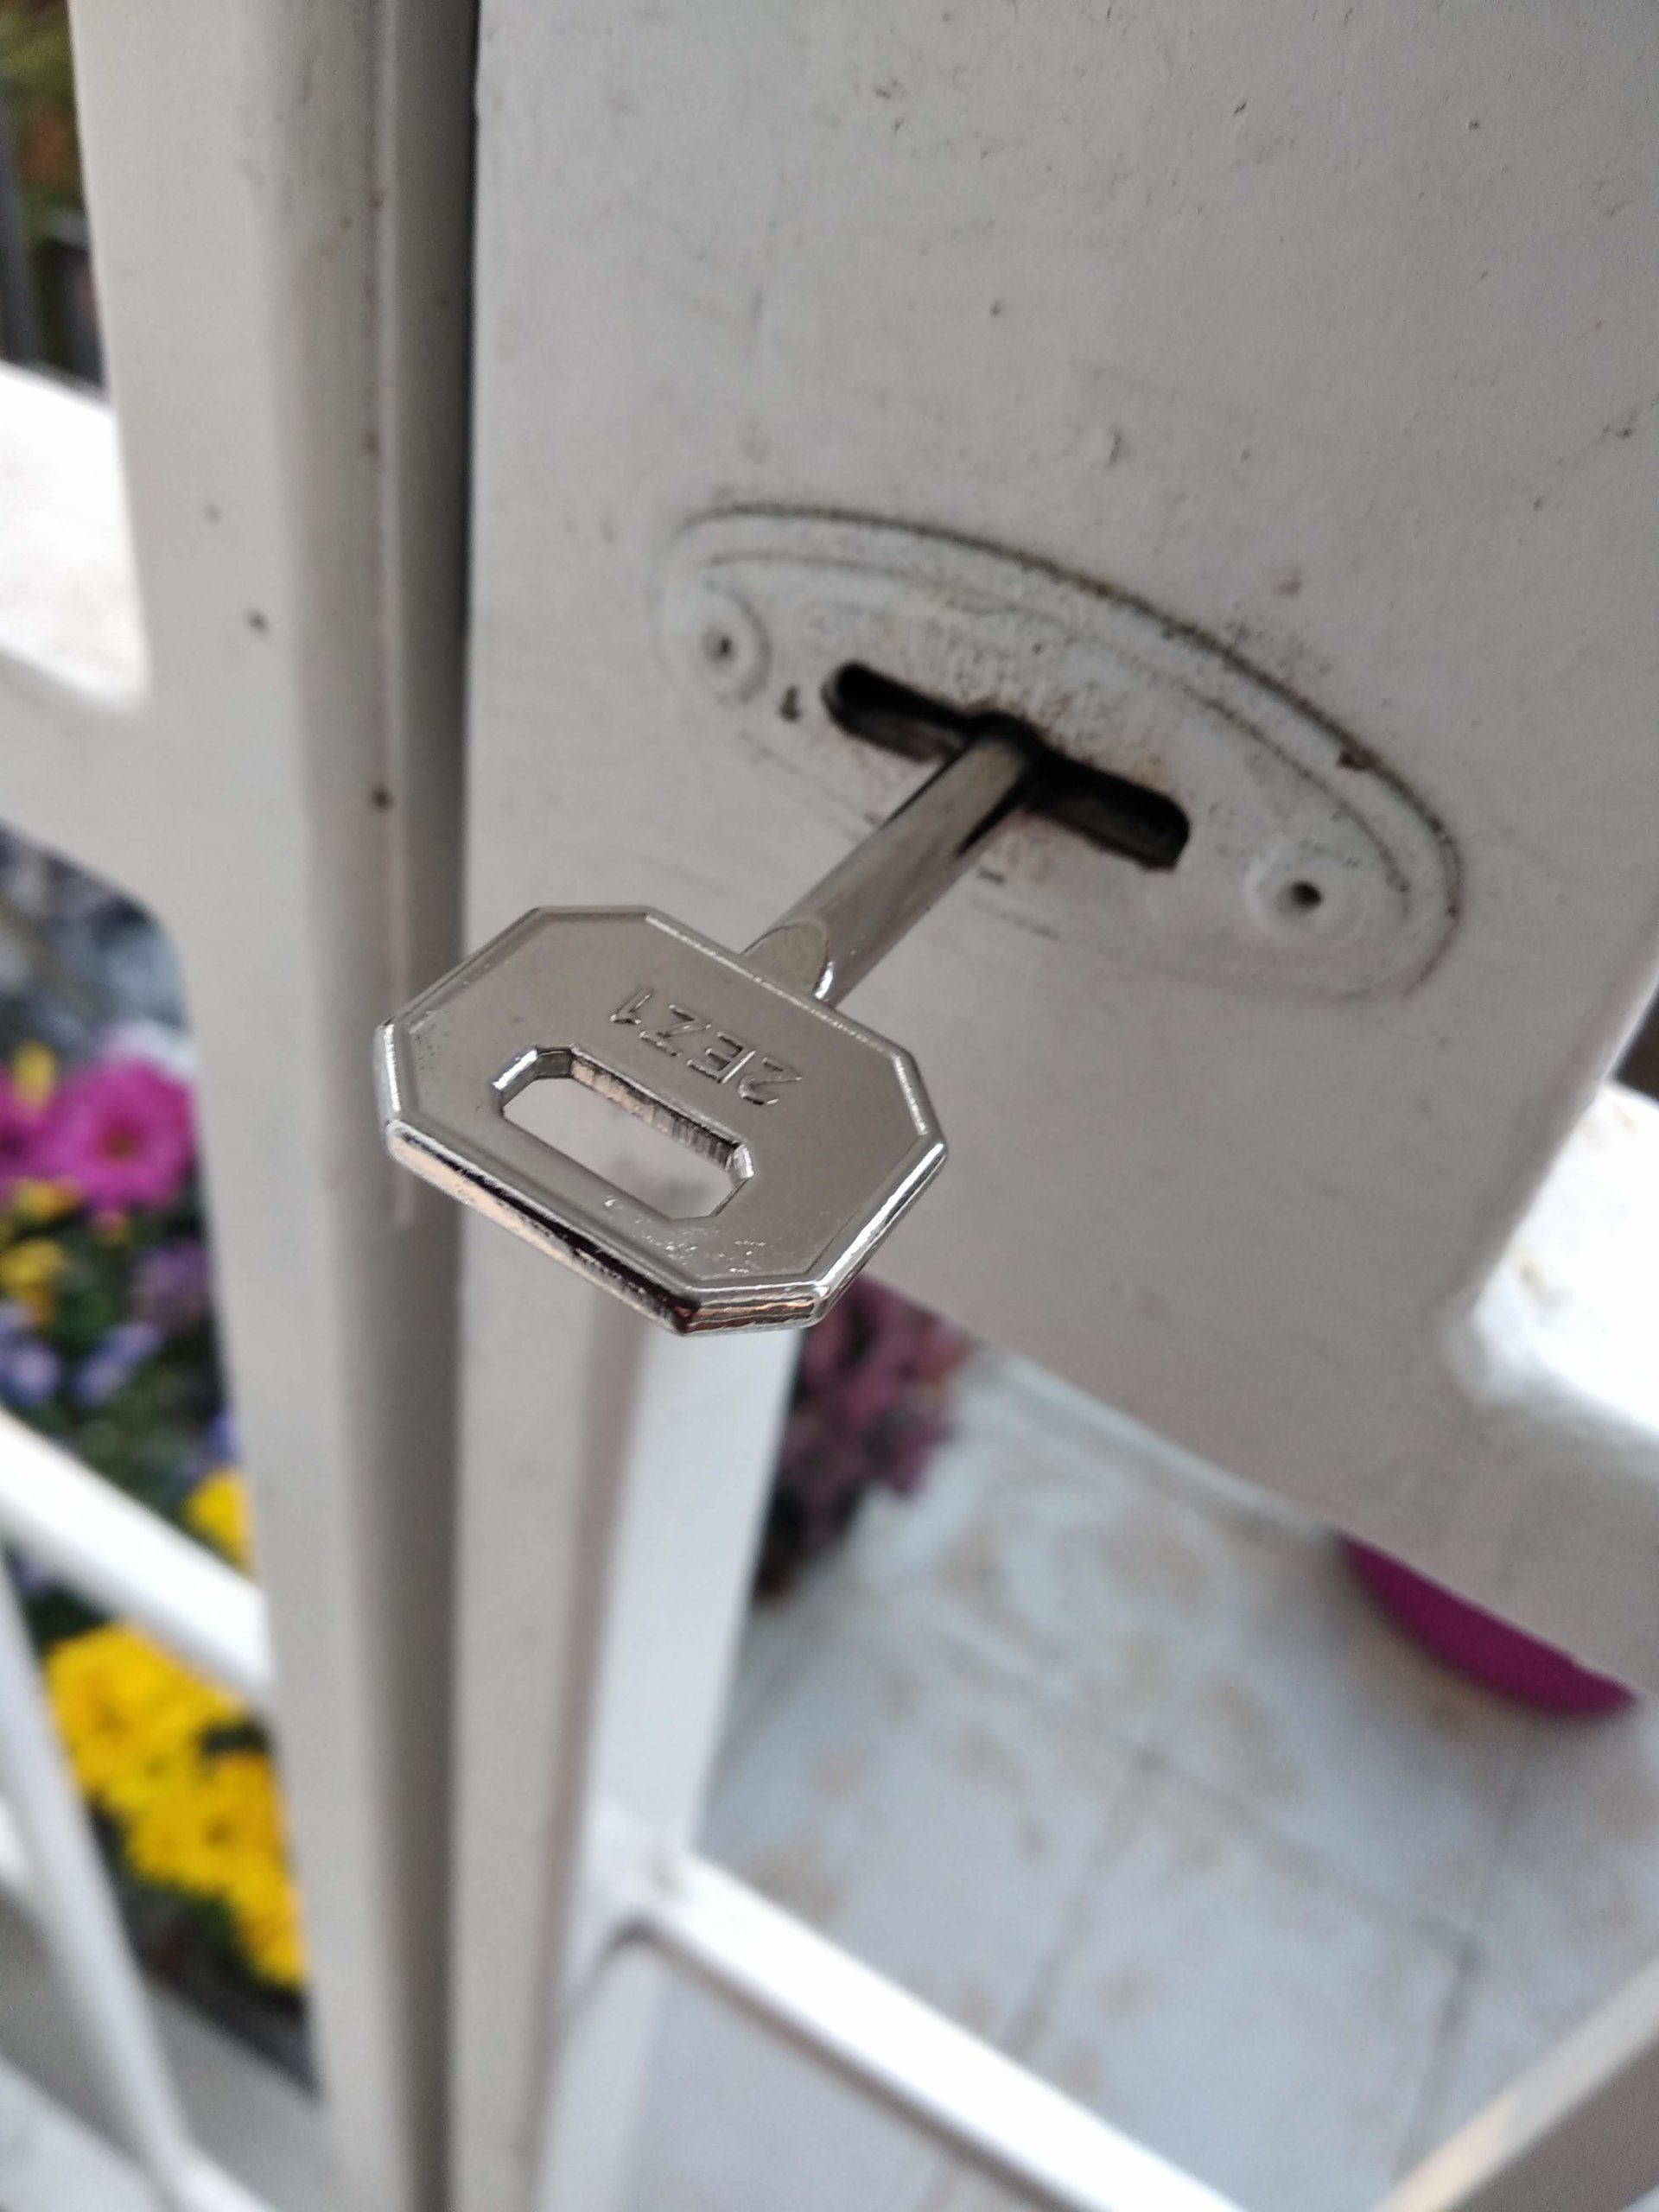 Biztonsági zárbetét kinyitása kulcs nélkül